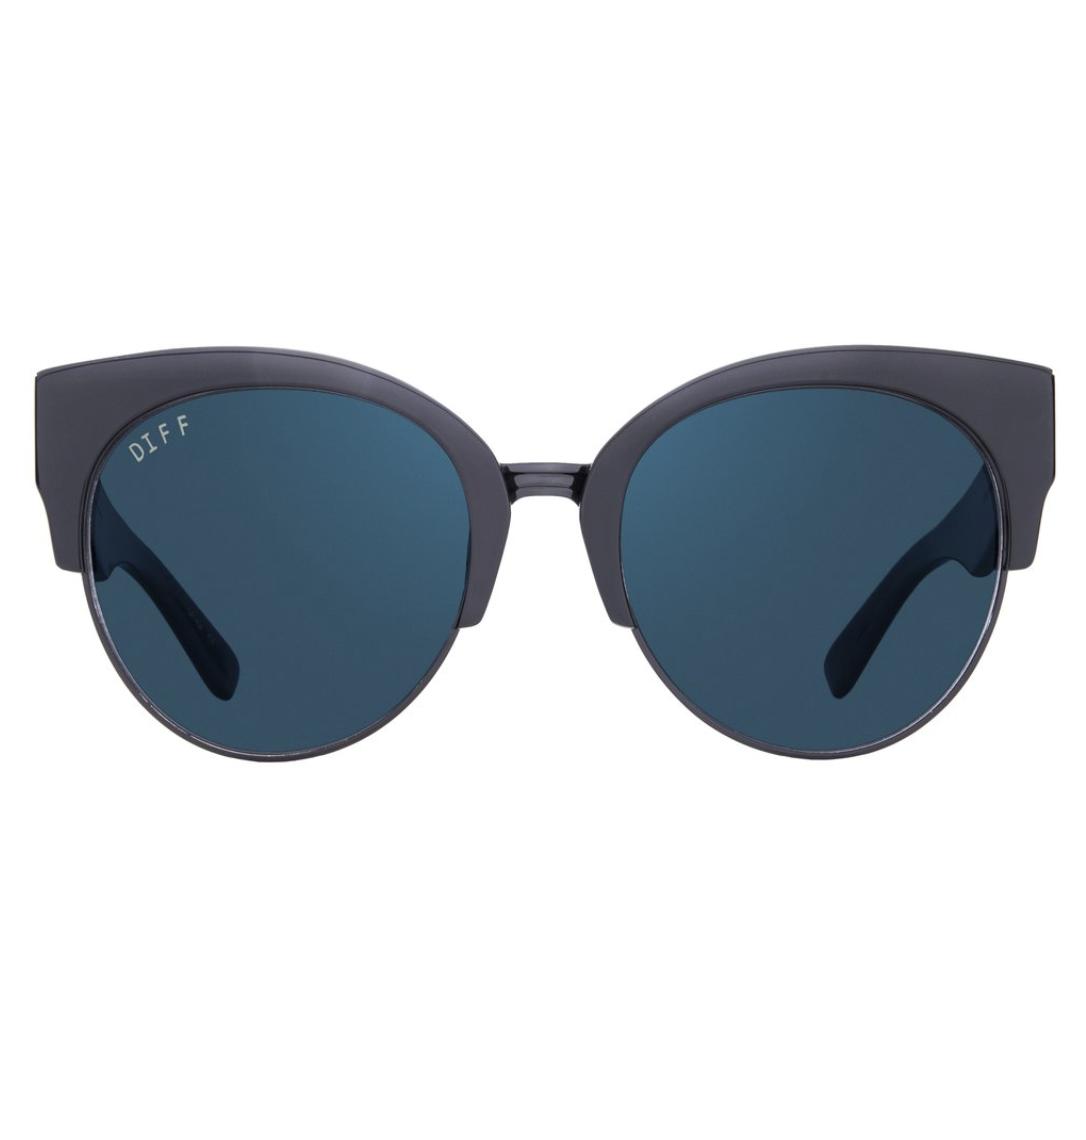 Diff Stella Cateye Sunglasses